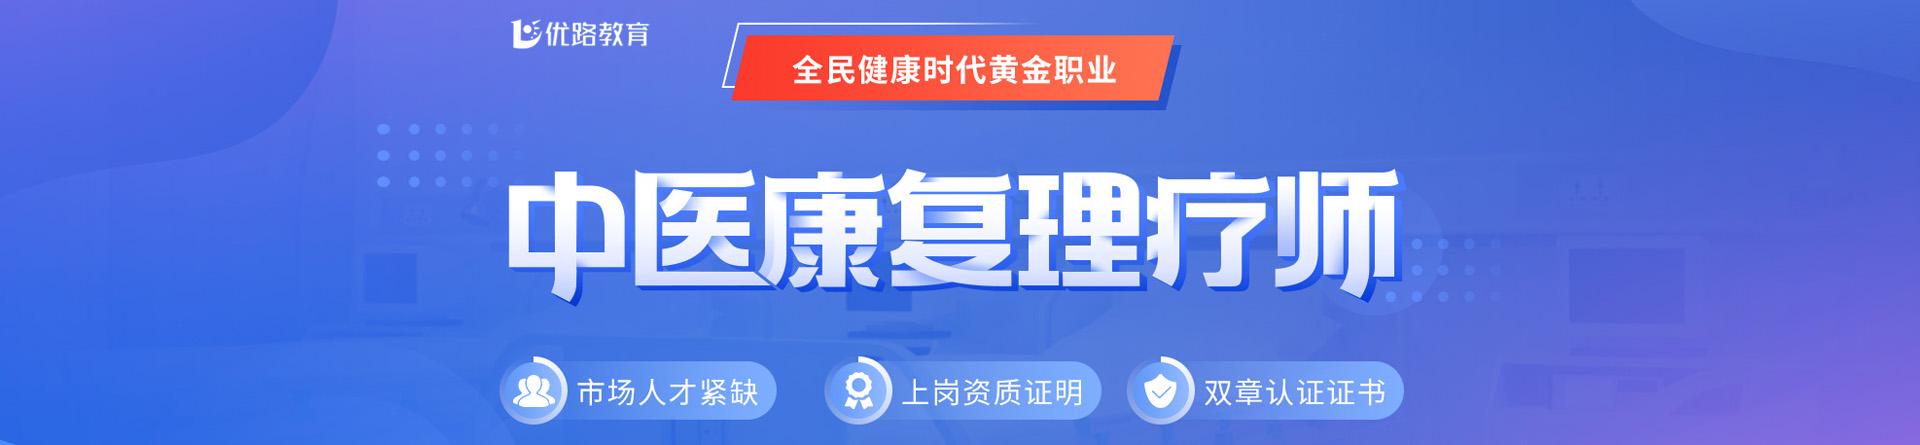 上海虹口优路教育培训学校